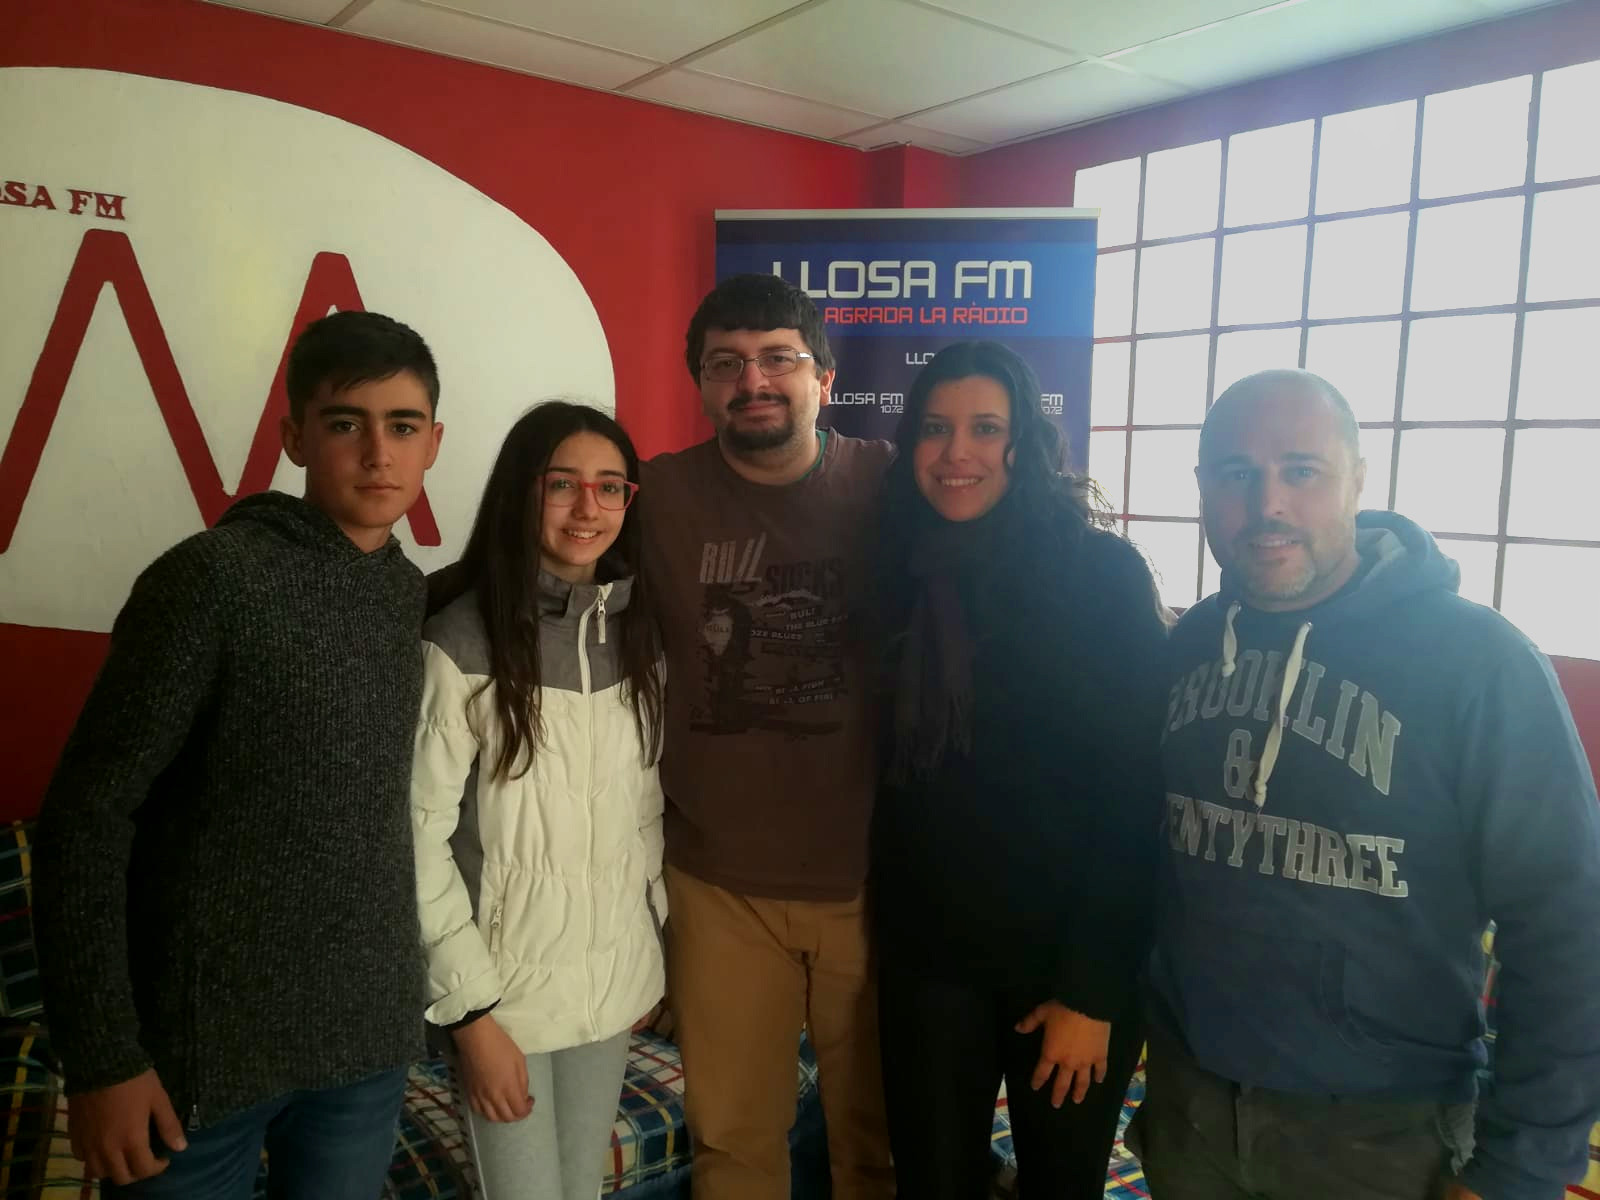 Llosa FM enceta les entrevistes falleres en «Micro obert» amb la falla Sant Josep